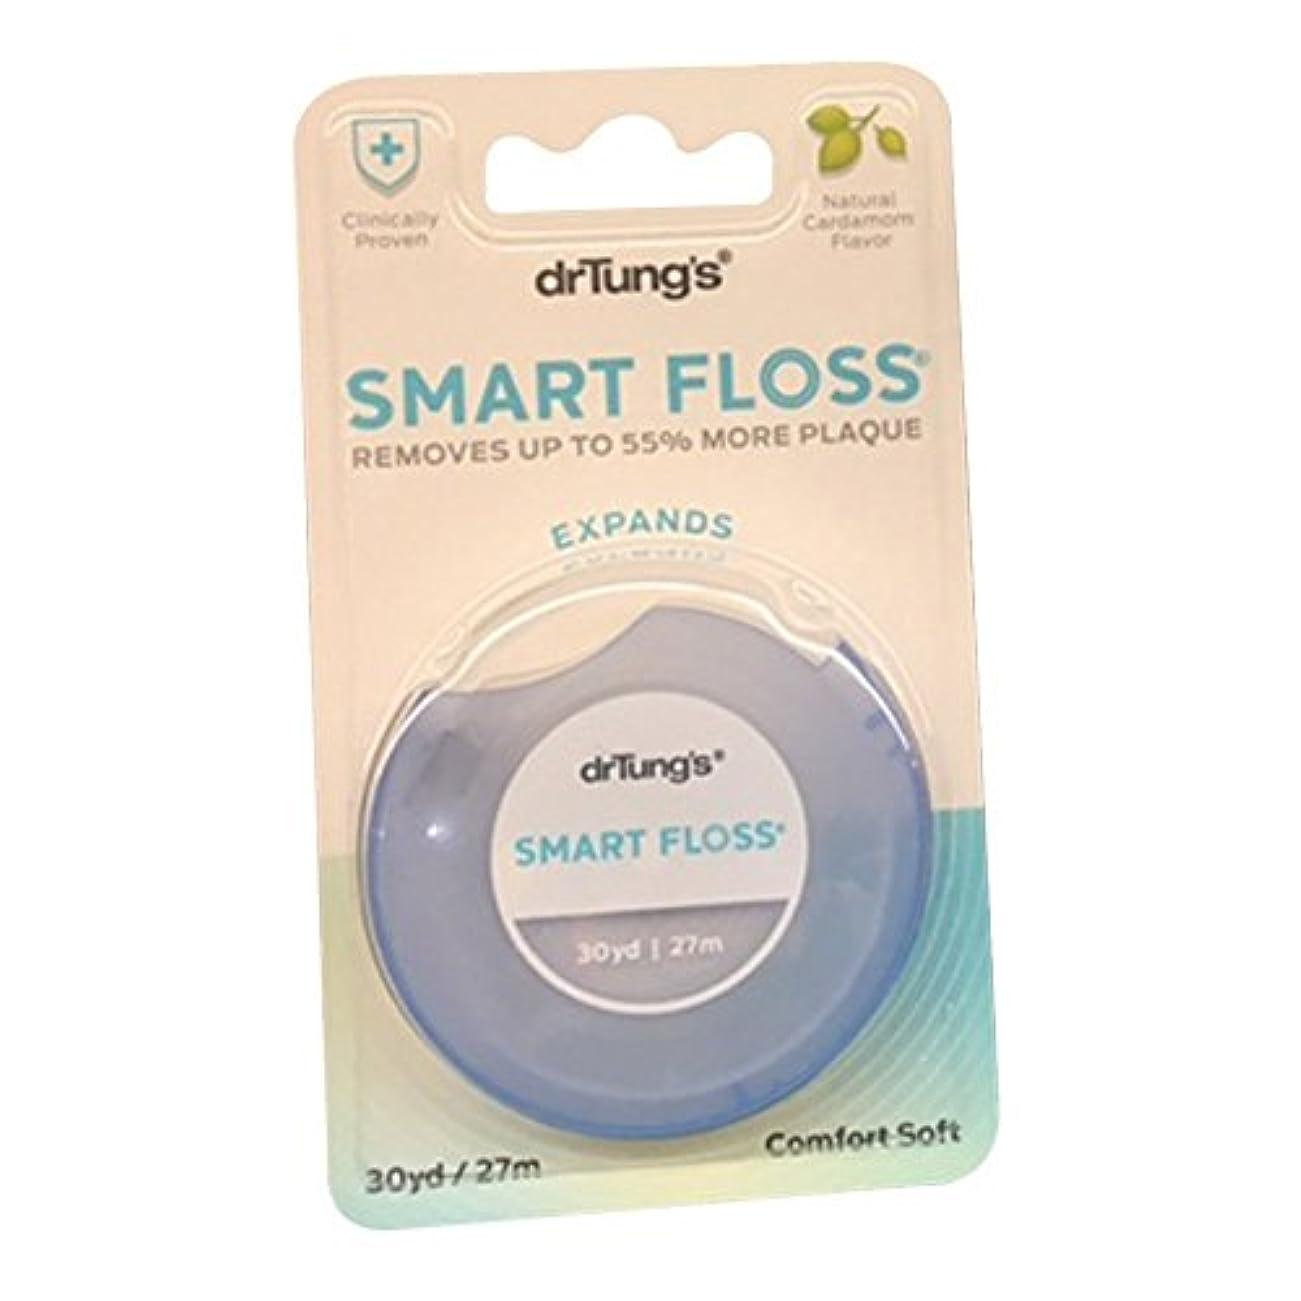 重要な役割を果たす、中心的な手段となるセクションネックレス【並行輸入品】Dr. Tung's Products: Smart Floss Dental Floss 30 yards (12 pack)